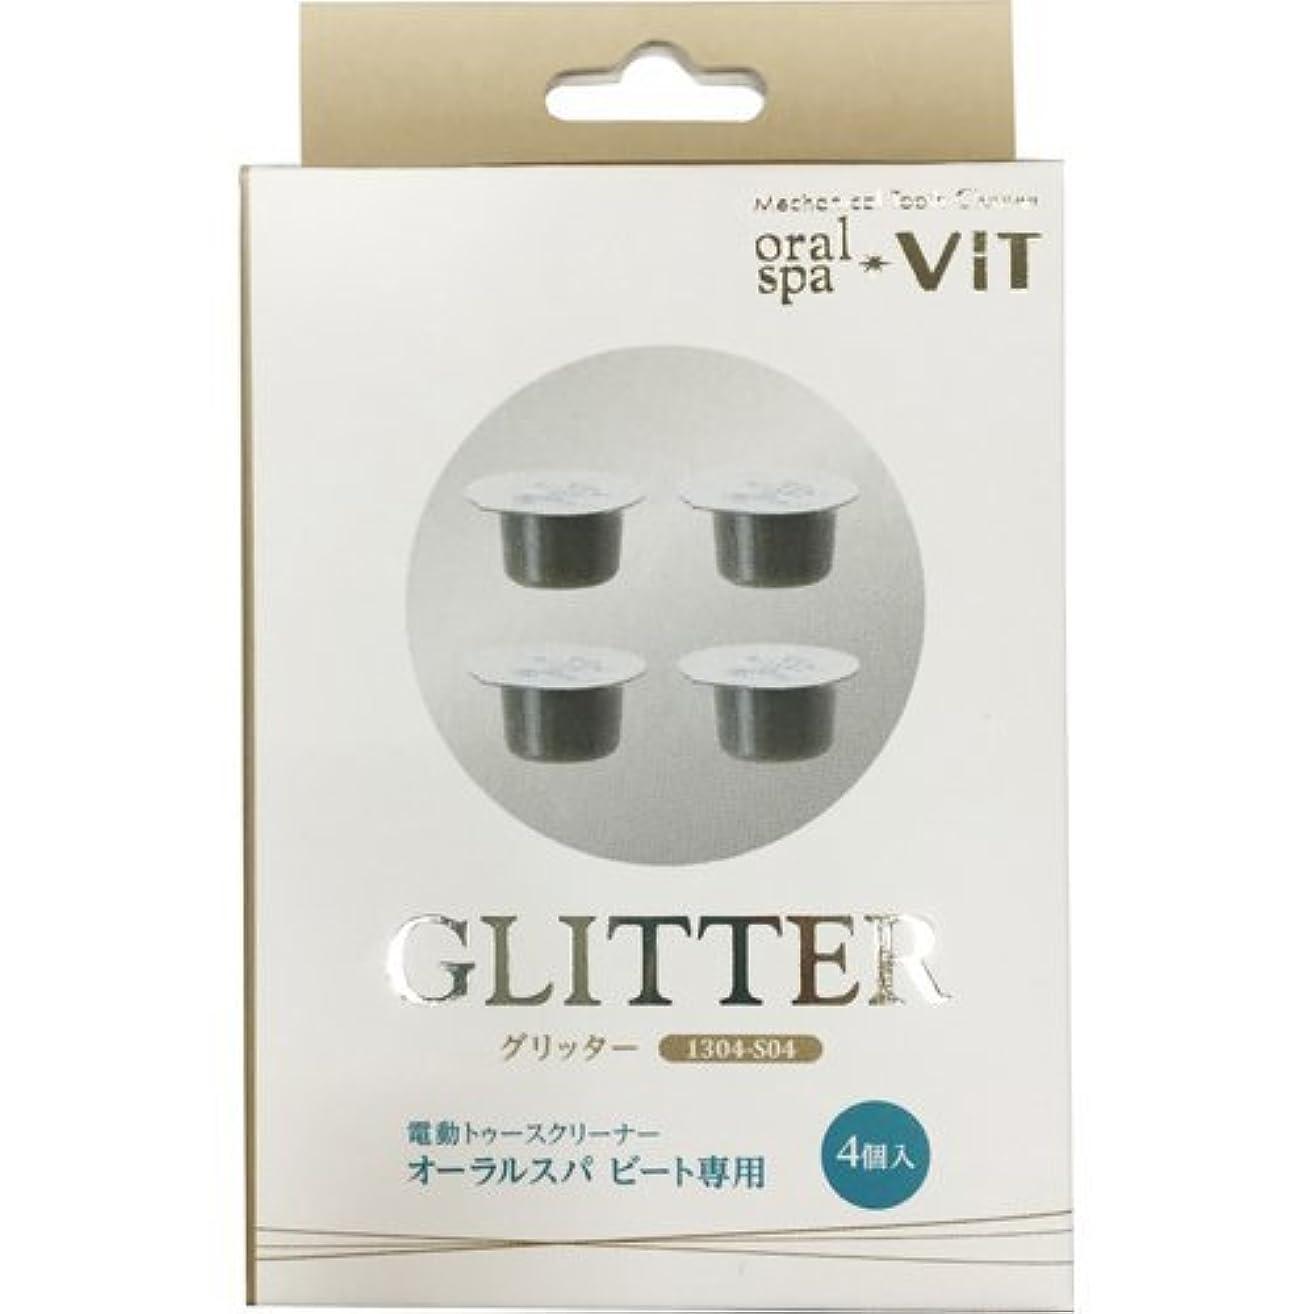 根拠バンドフロント電動トゥースクリーナー oral spa VIT(オーラルスパビート)専用グリッター スペアミント 4個入